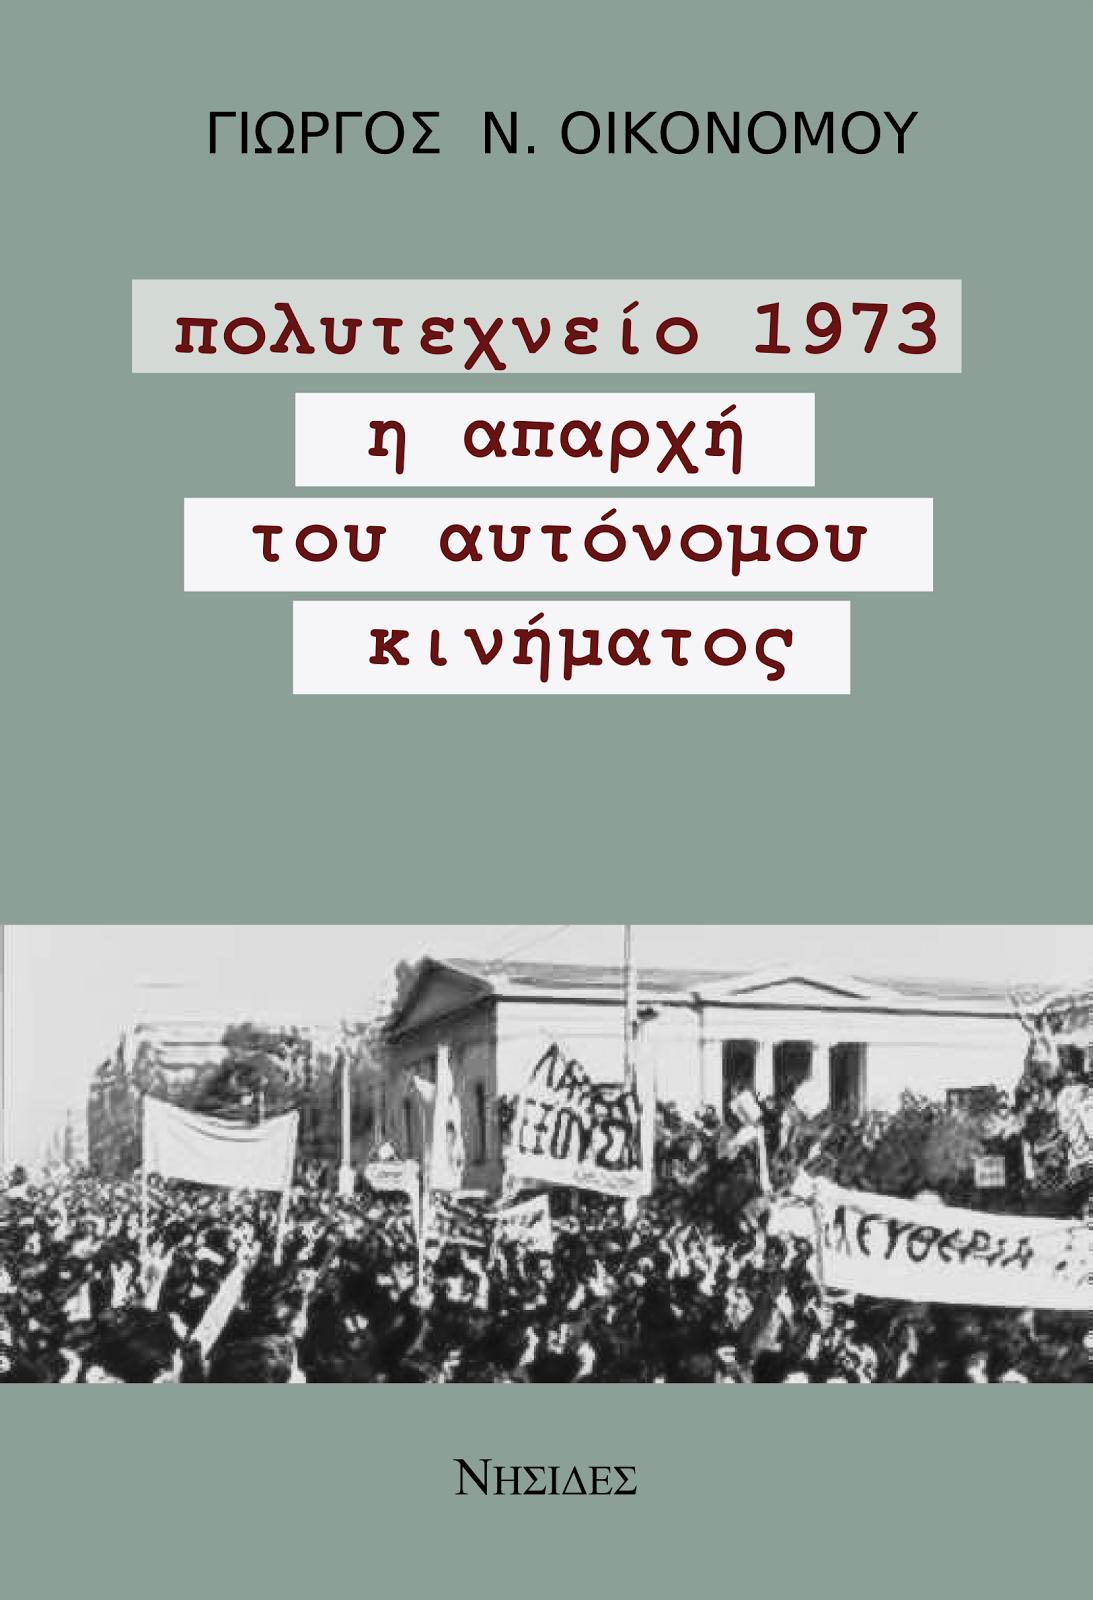 πολυτεχνείο 1973. η απαρχή του αυτόνομου κινήματος